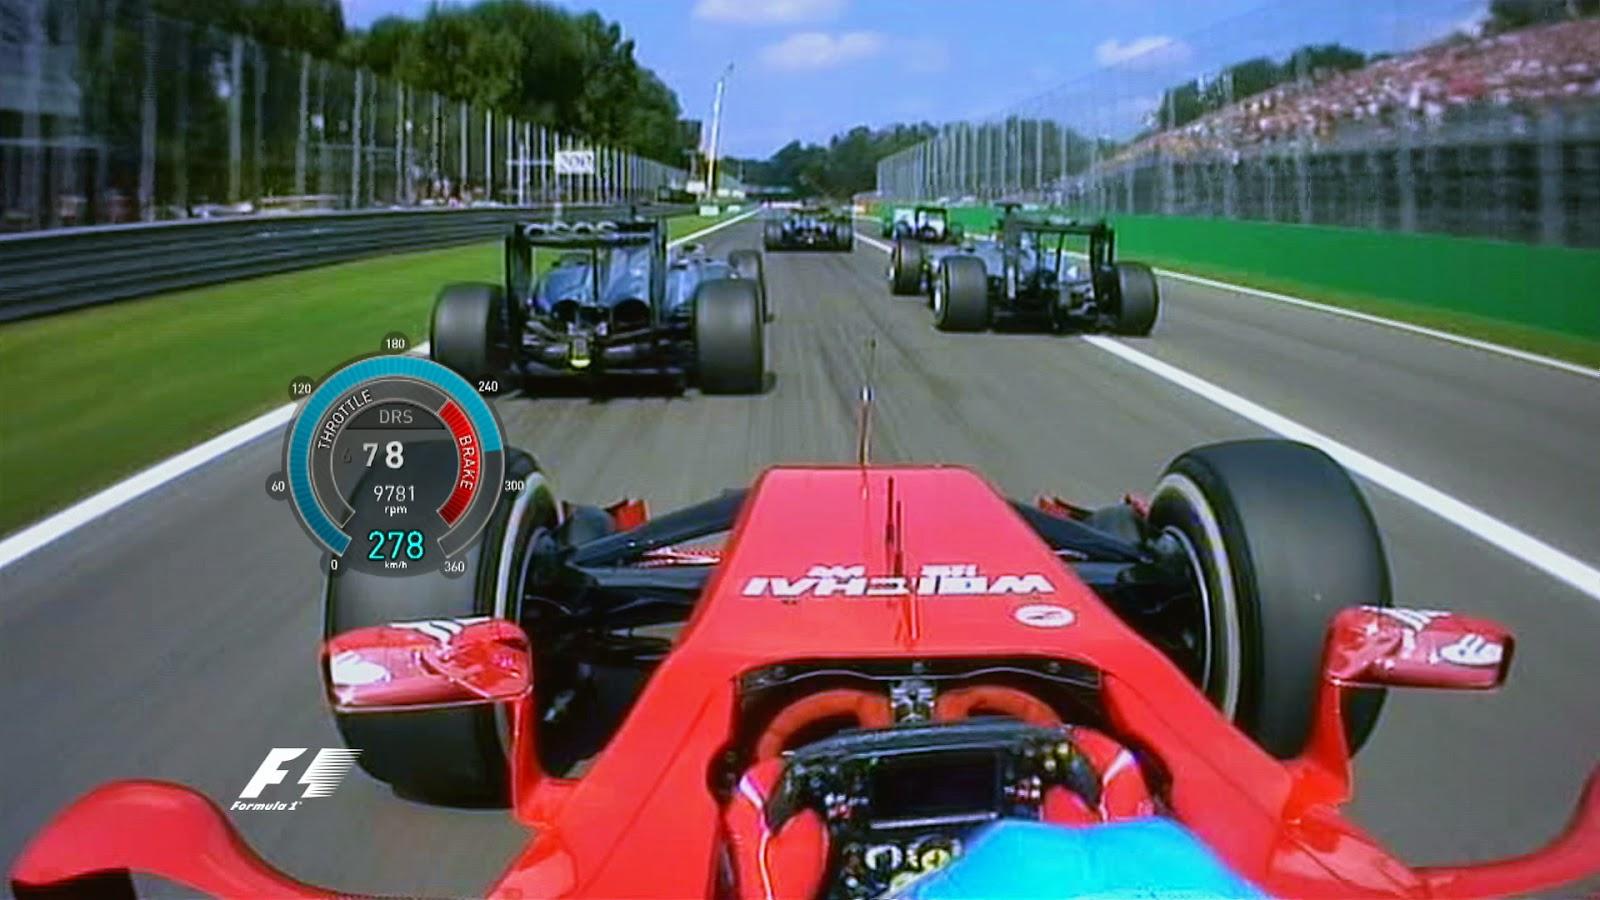 5e967f9408e On-board footage from Fernando Alonso in Monza